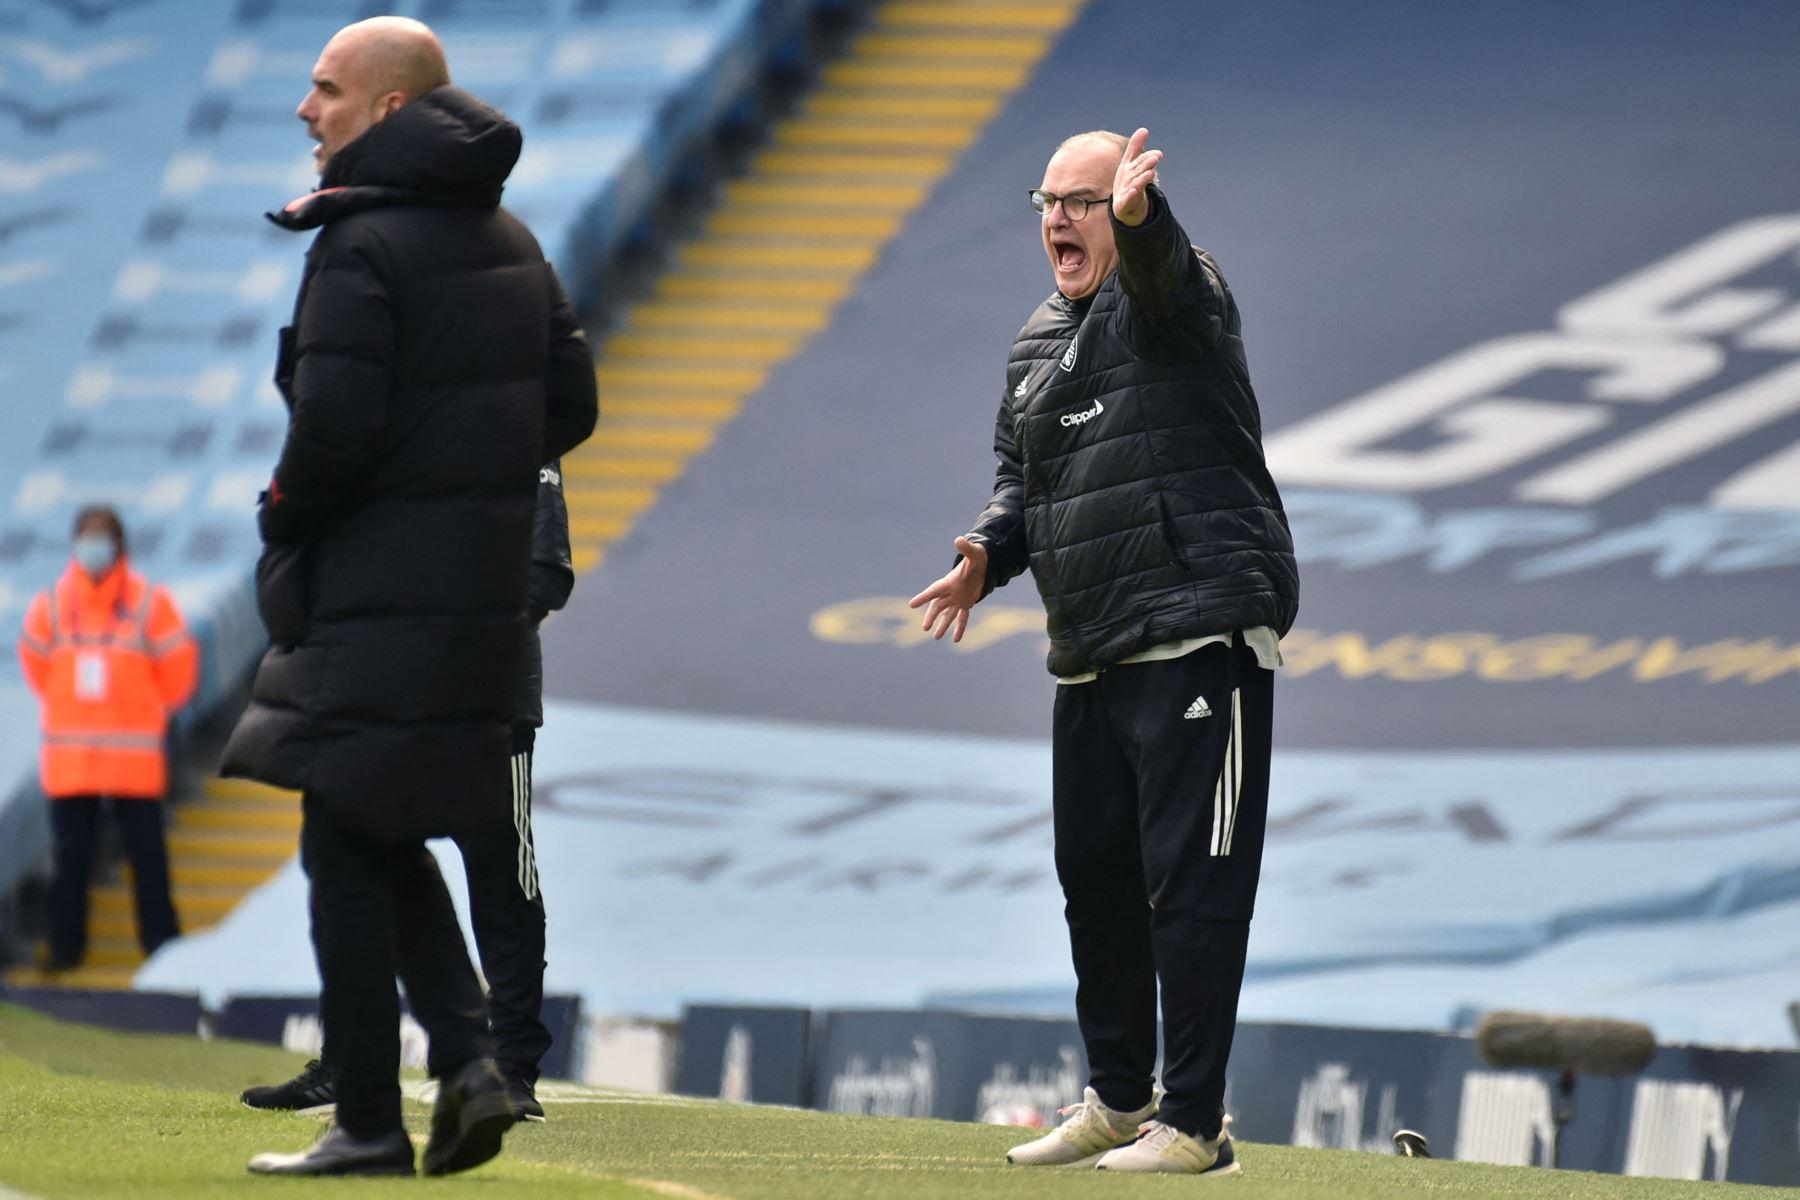 El entrenador argentino del Leeds United, Marcelo Bielsa (R), da instrucciones a sus jugadores durante el partido de fútbol de la Premier League inglesa entre el Manchester City y el Leeds United. Foto: AFP